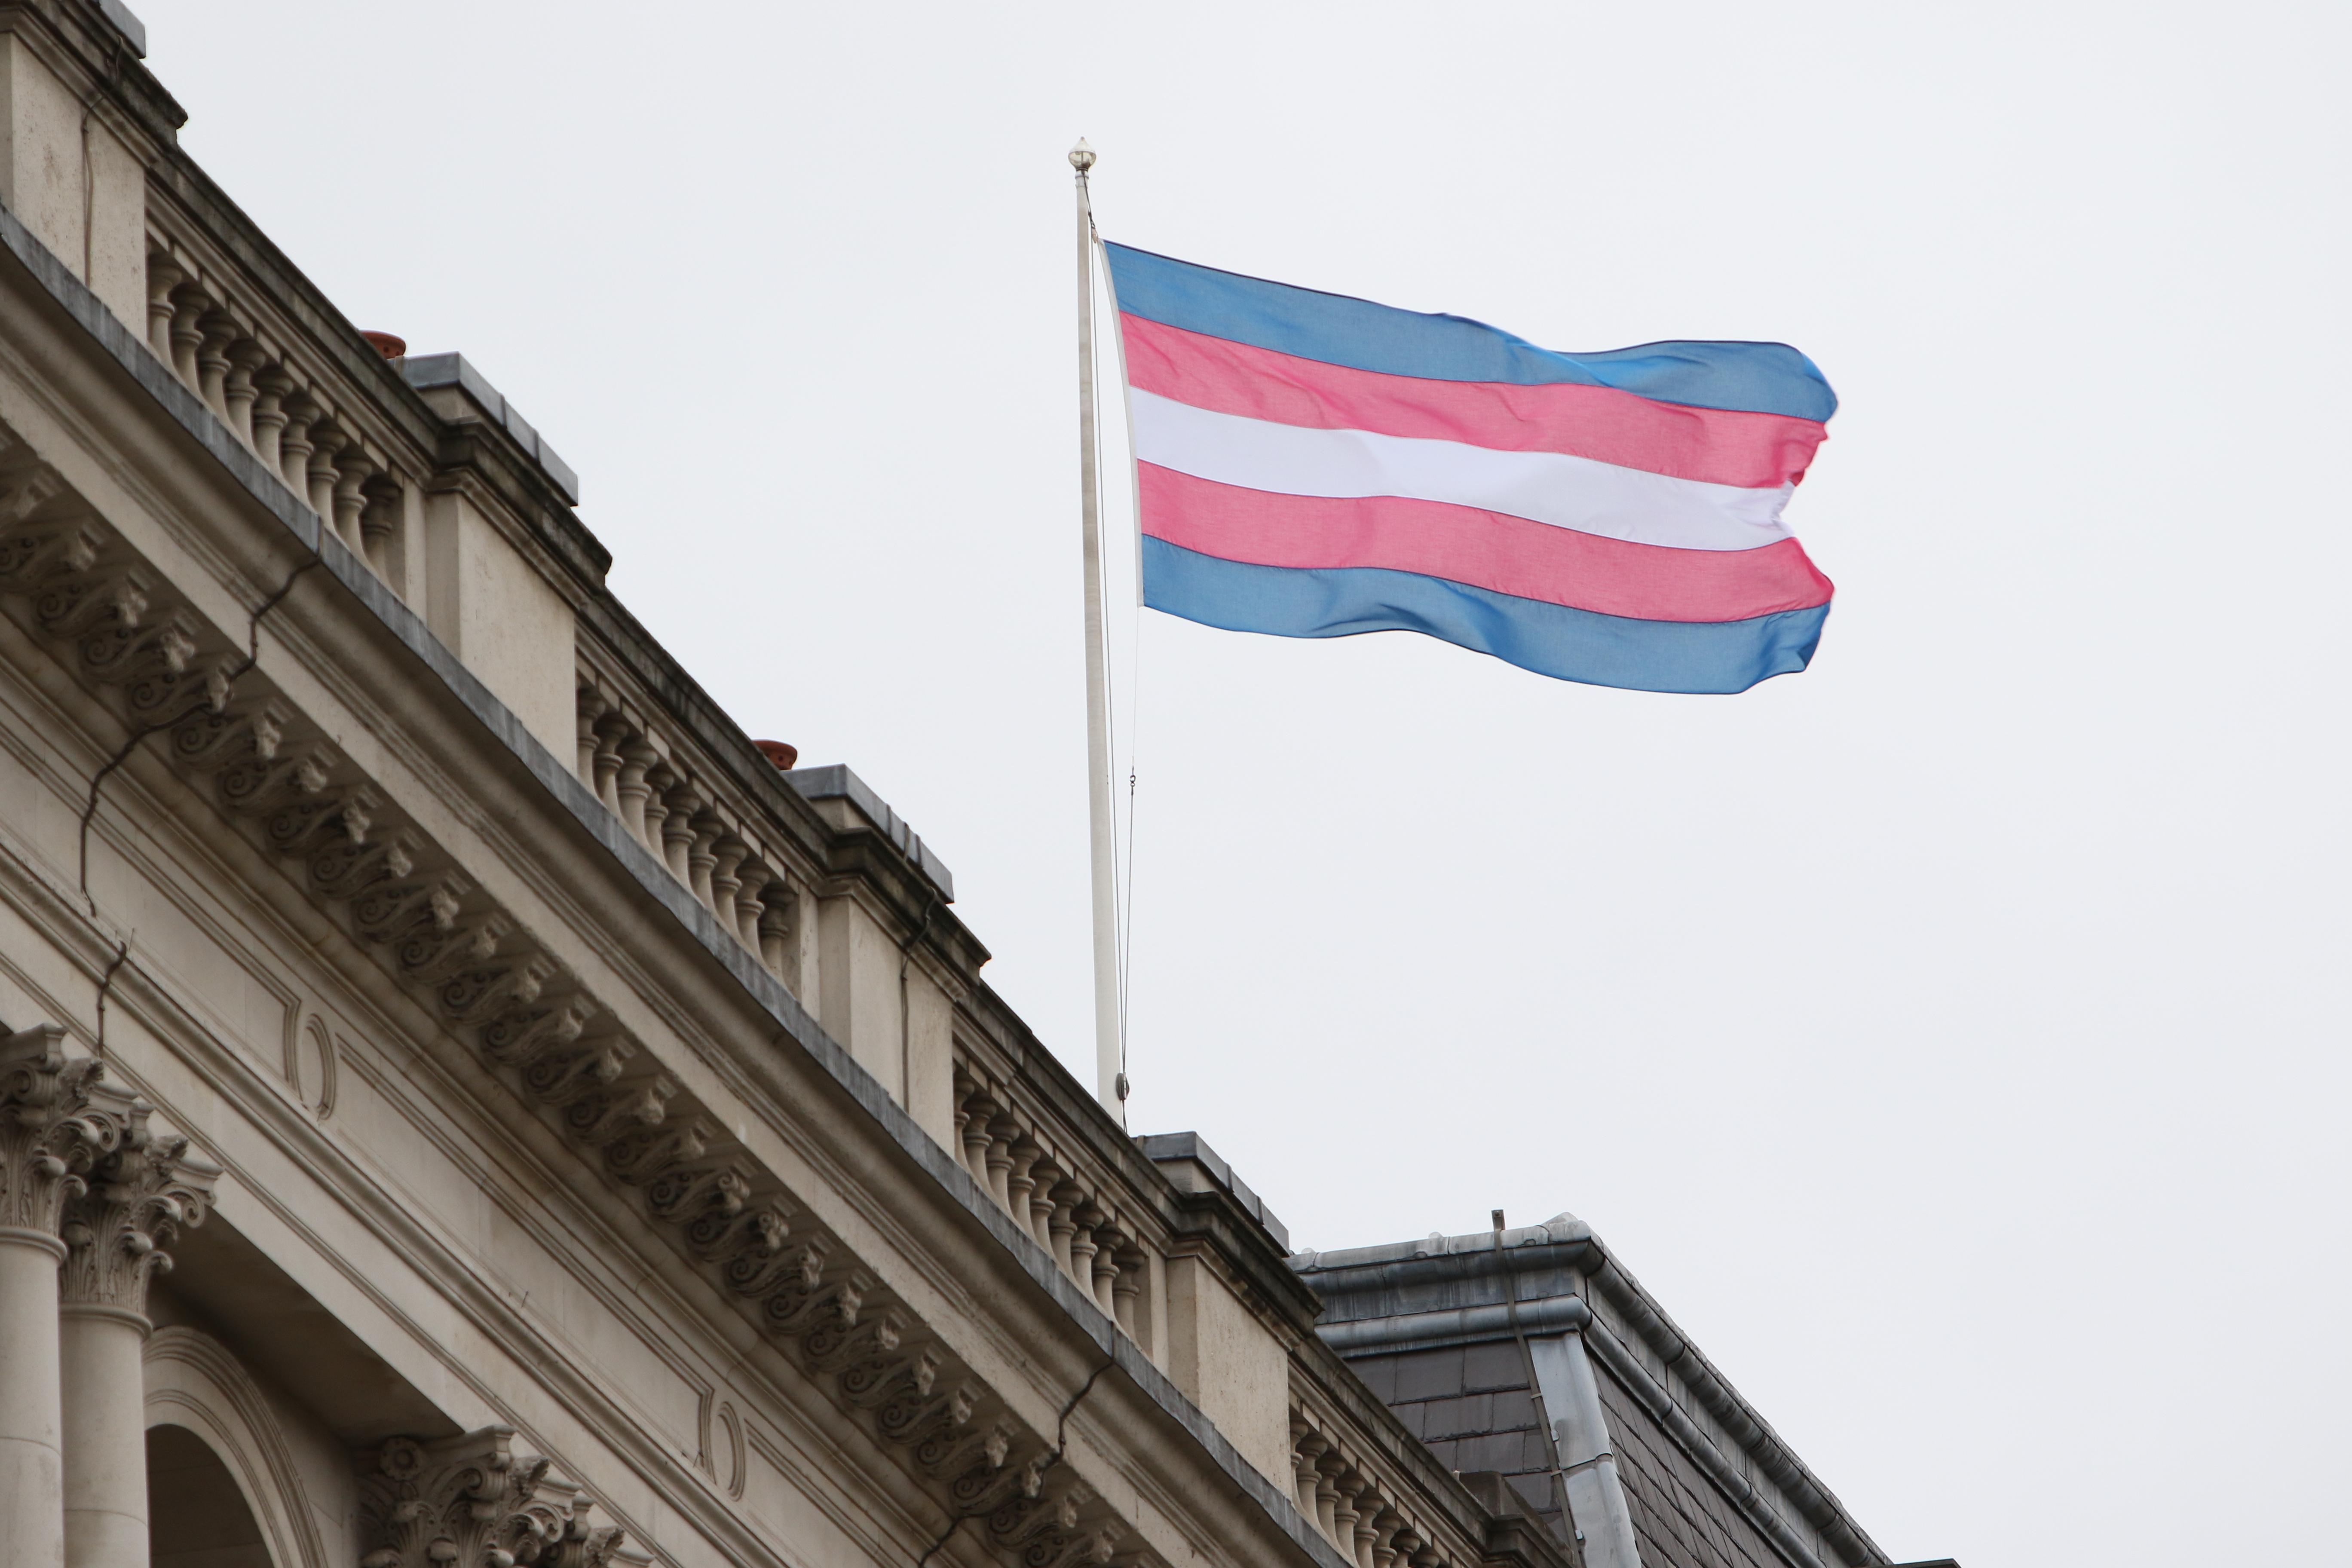 Romania Constitutional Court rules gender studies ban unconstitutional